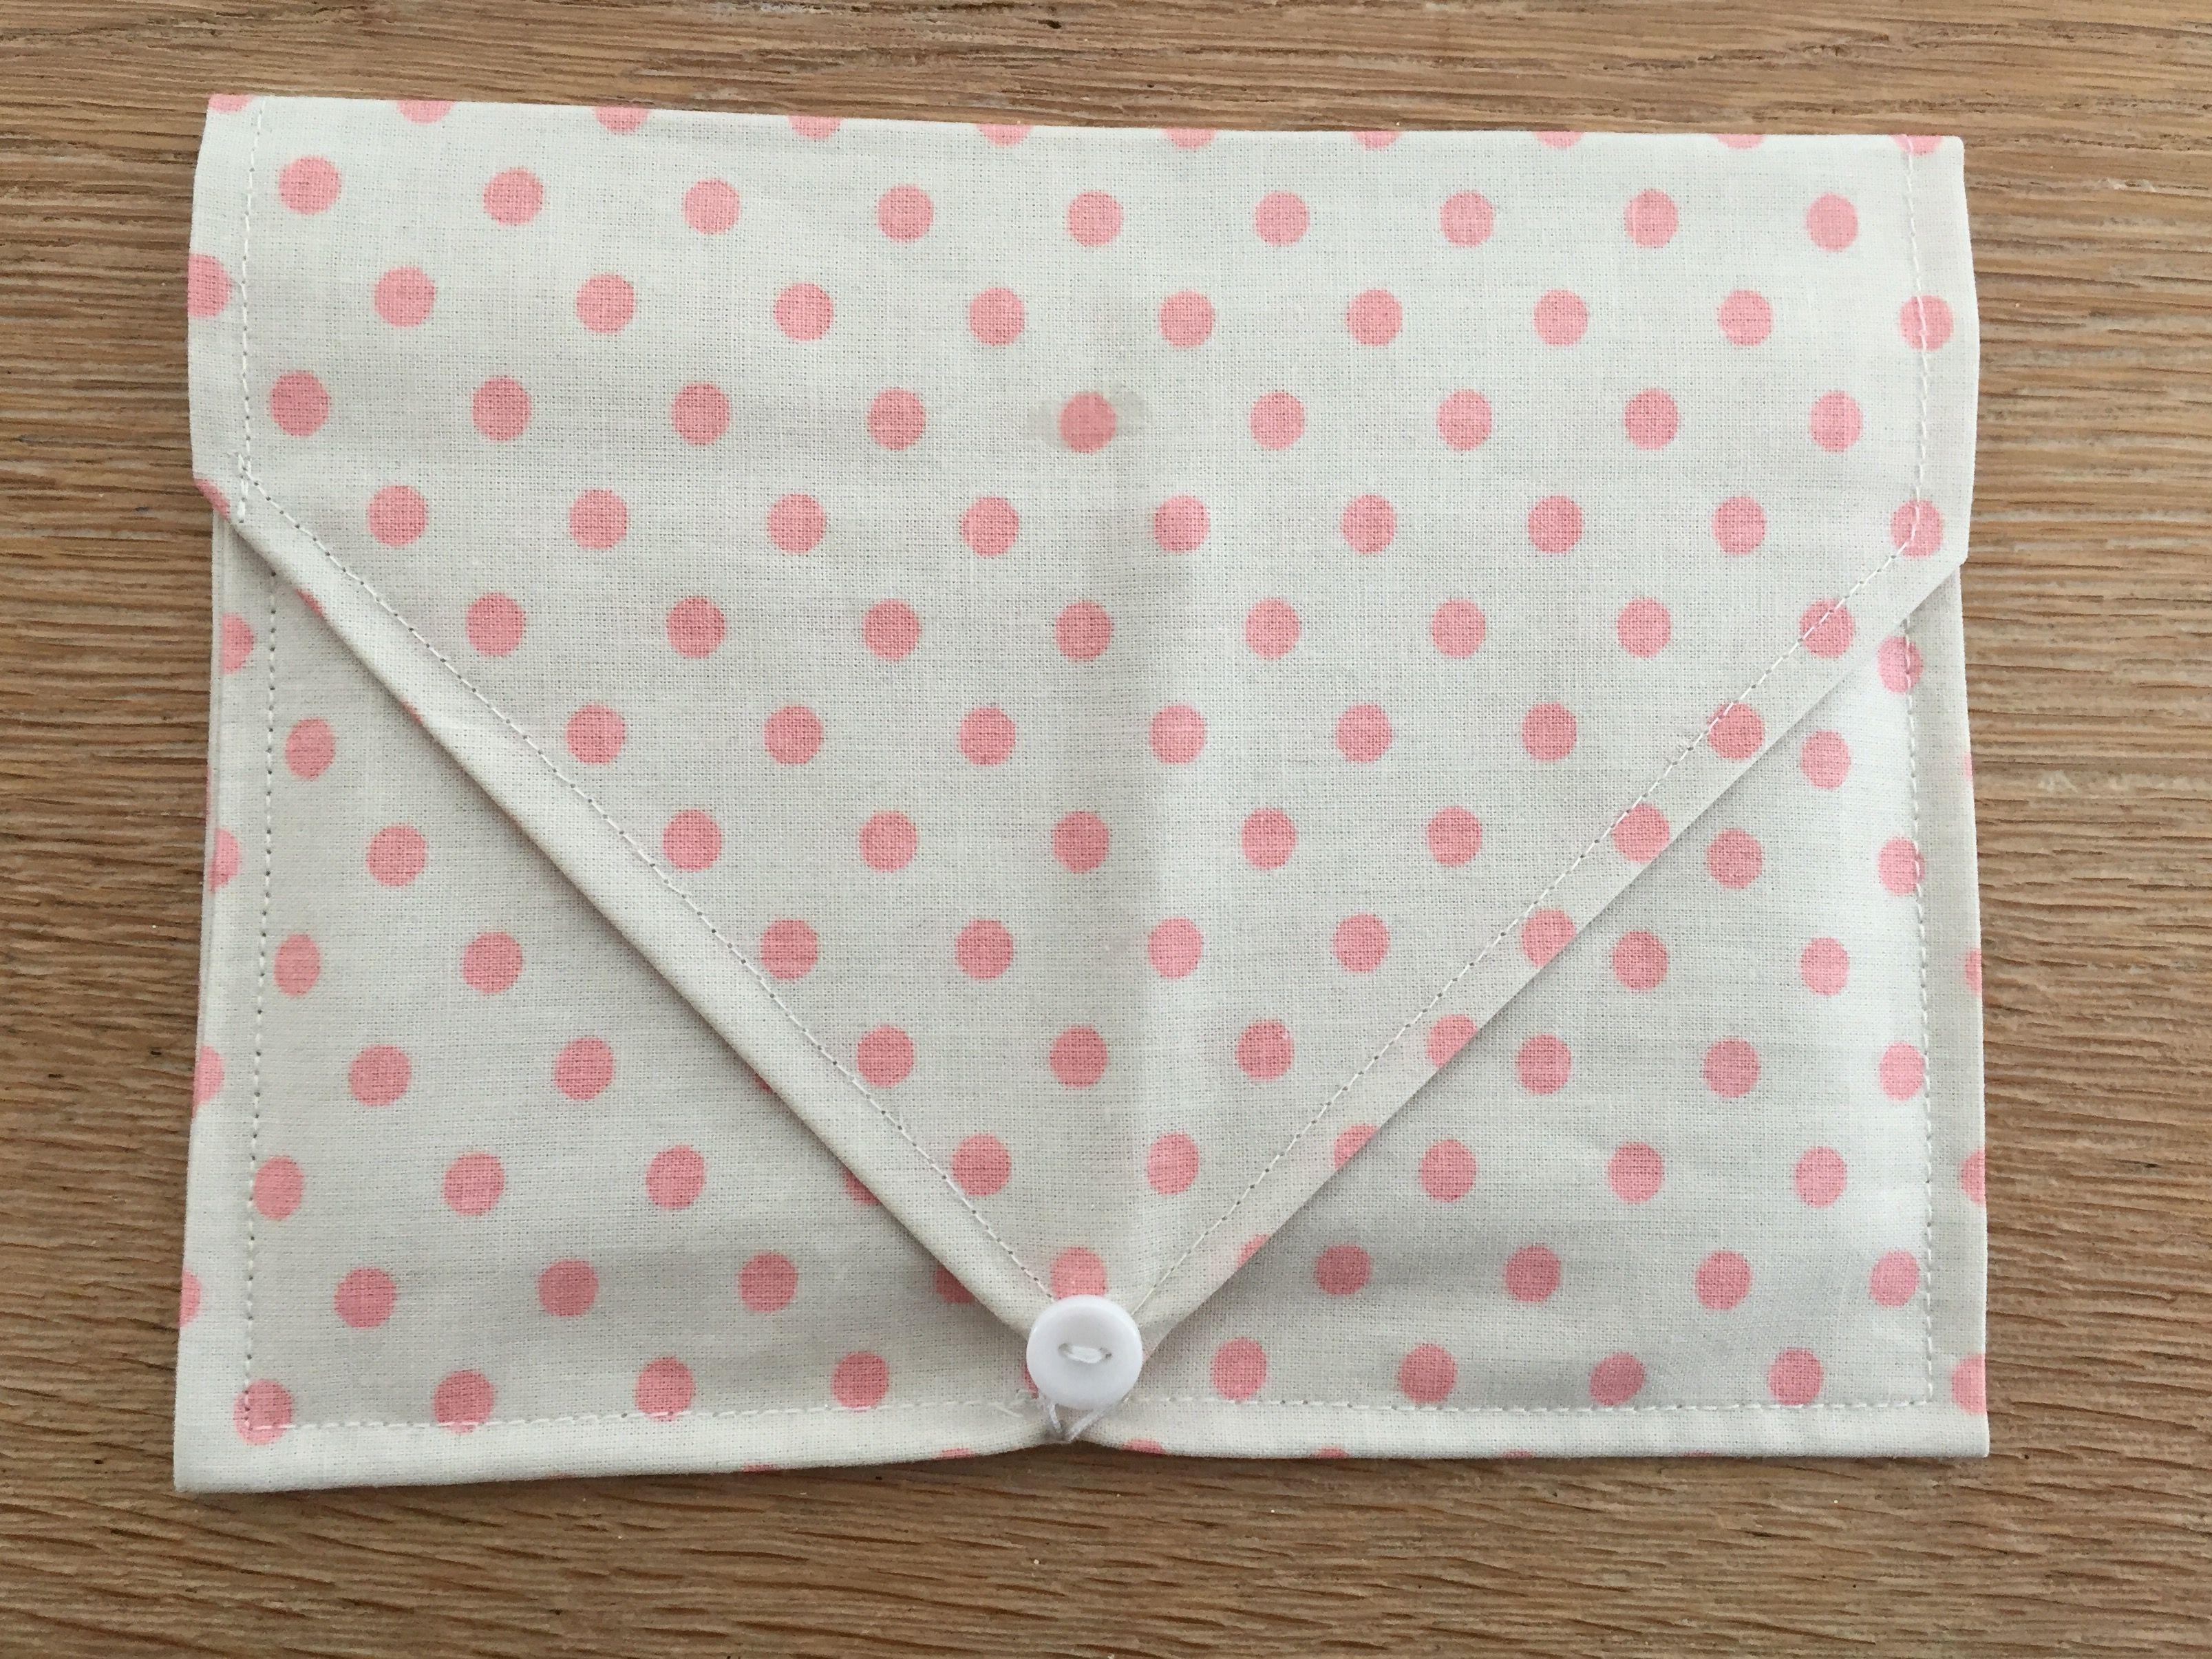 DIY Briefumschlag aus Stoff - als besonderes Mitbringsel #Nähen ...